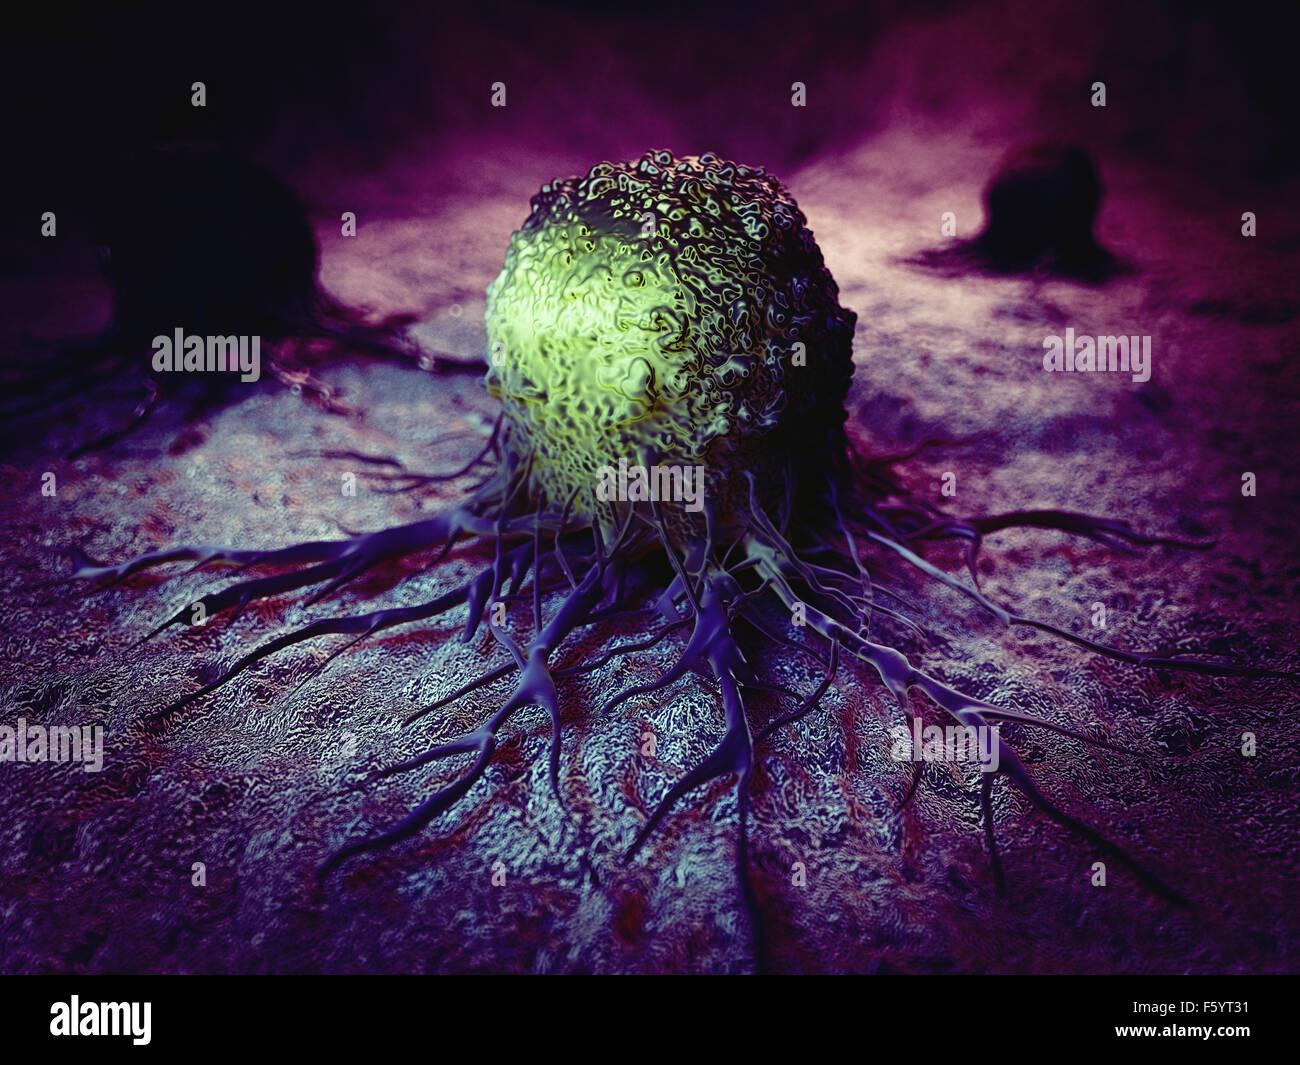 Précis de l'illustration médicale cancer cell Photo Stock